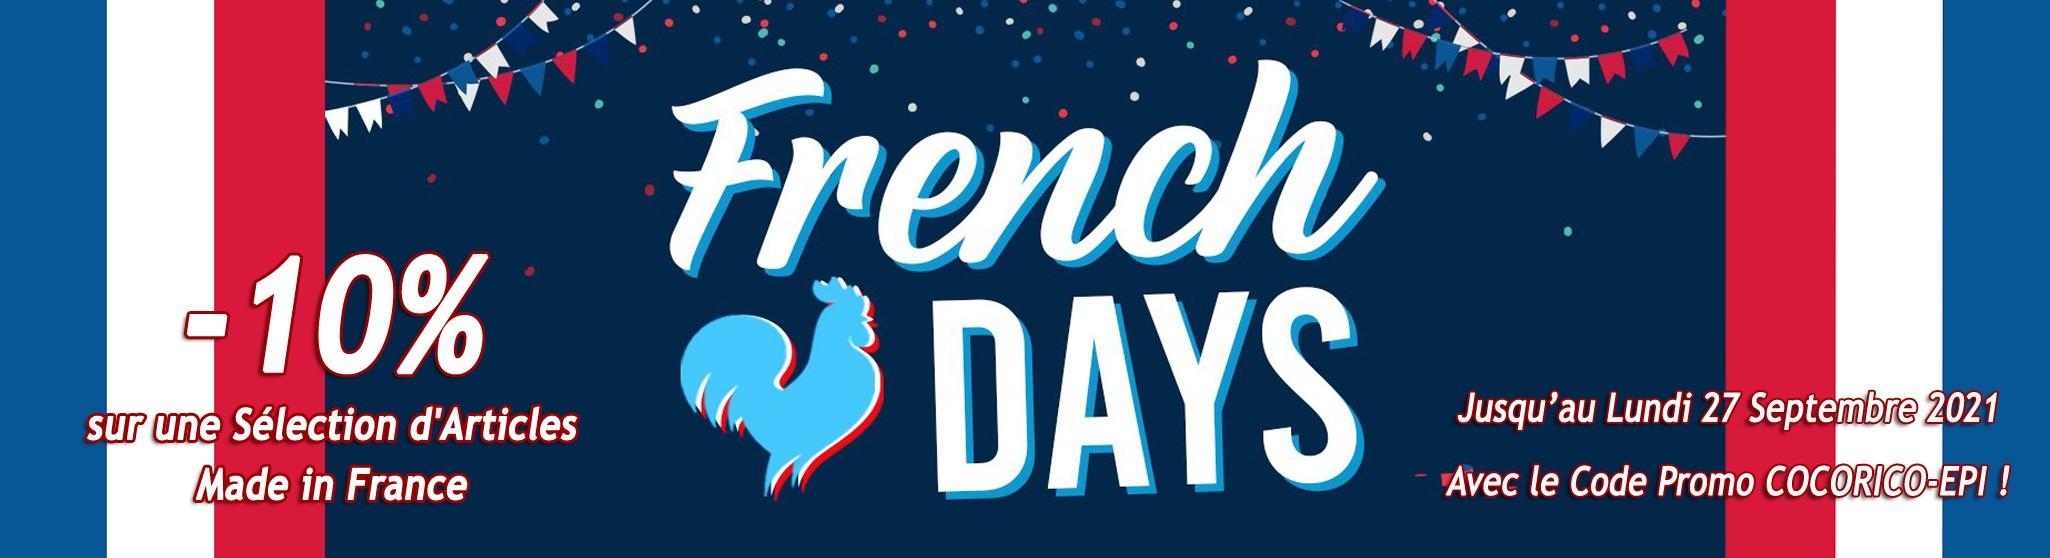 FRENCH DAYS : 10% de Remise sur une Sélection d'Articles Made in France !